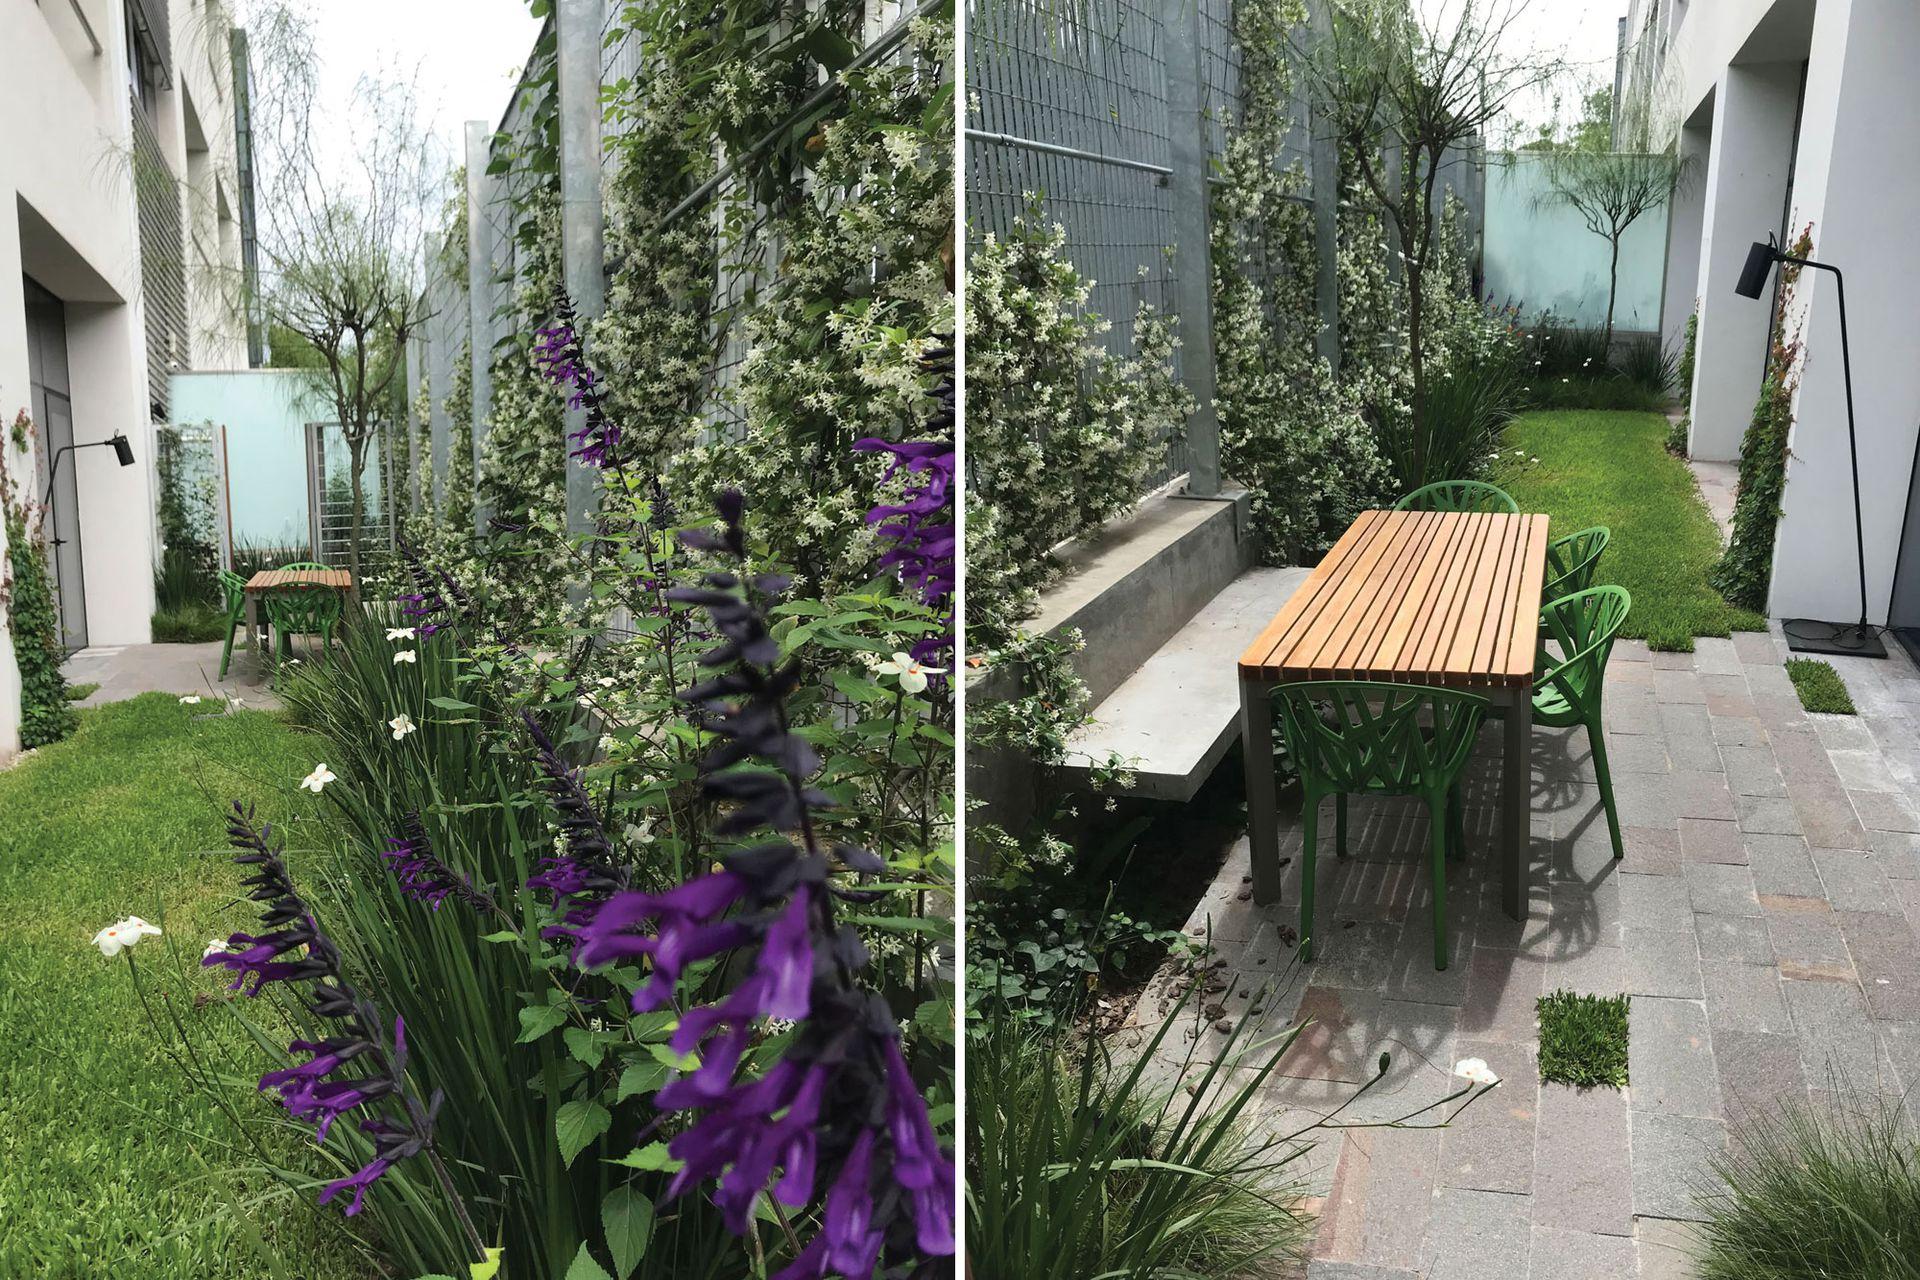 Una superficie angosta y larga fue resuelta con una mesa para seis, césped y plantas que atraen picaflores y mariposas. Además, se construyó un banco fijo de hormigón usando de respaldo el murete que sostiene la reja.